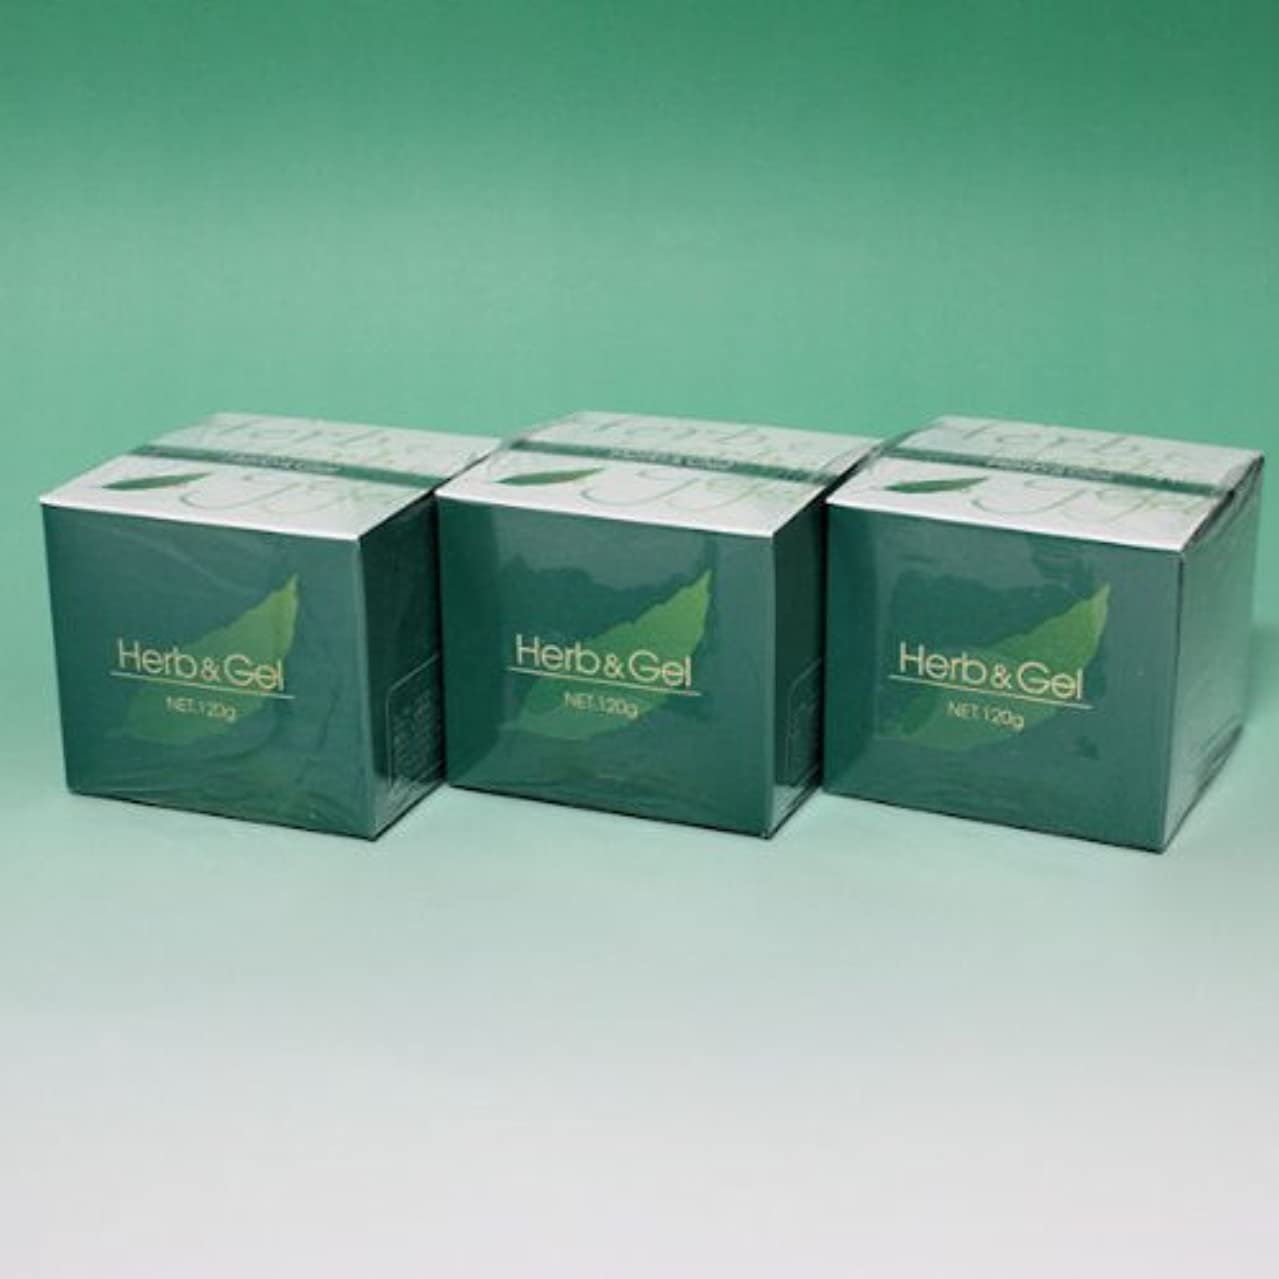 バタフライ海里溶岩ハーブアンドゲル 天然ハーブエキス配合 120g×3瓶セット (4580109490026)